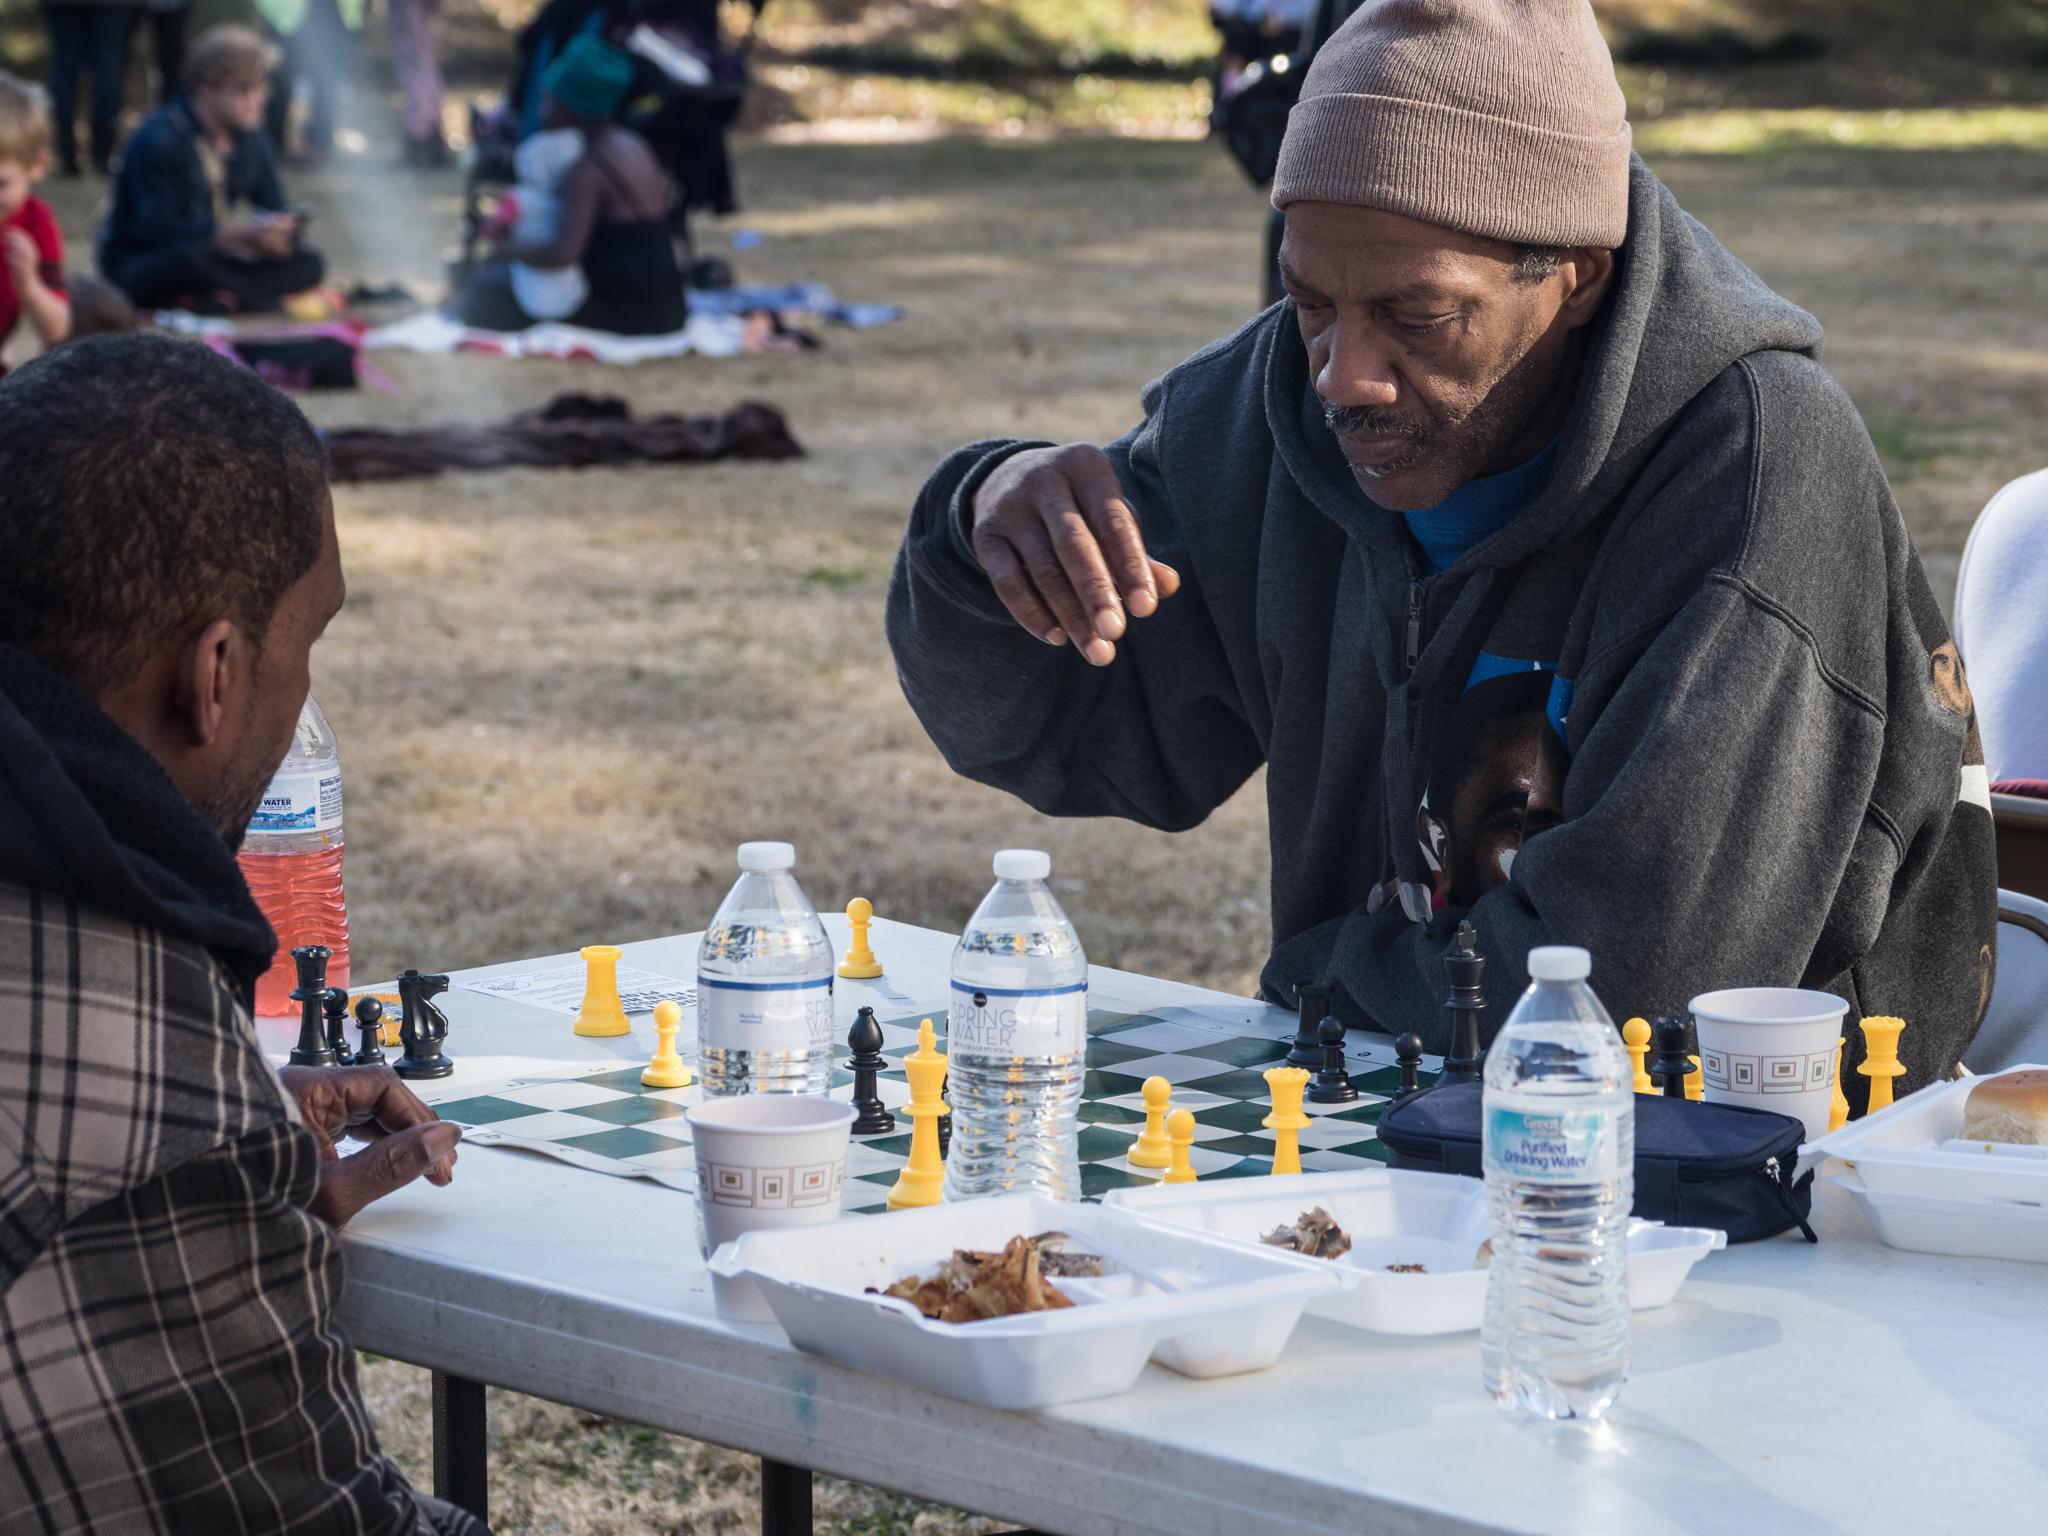 Atlanta Resists The Food Sharing Ban – Food Not Bombs Atlanta